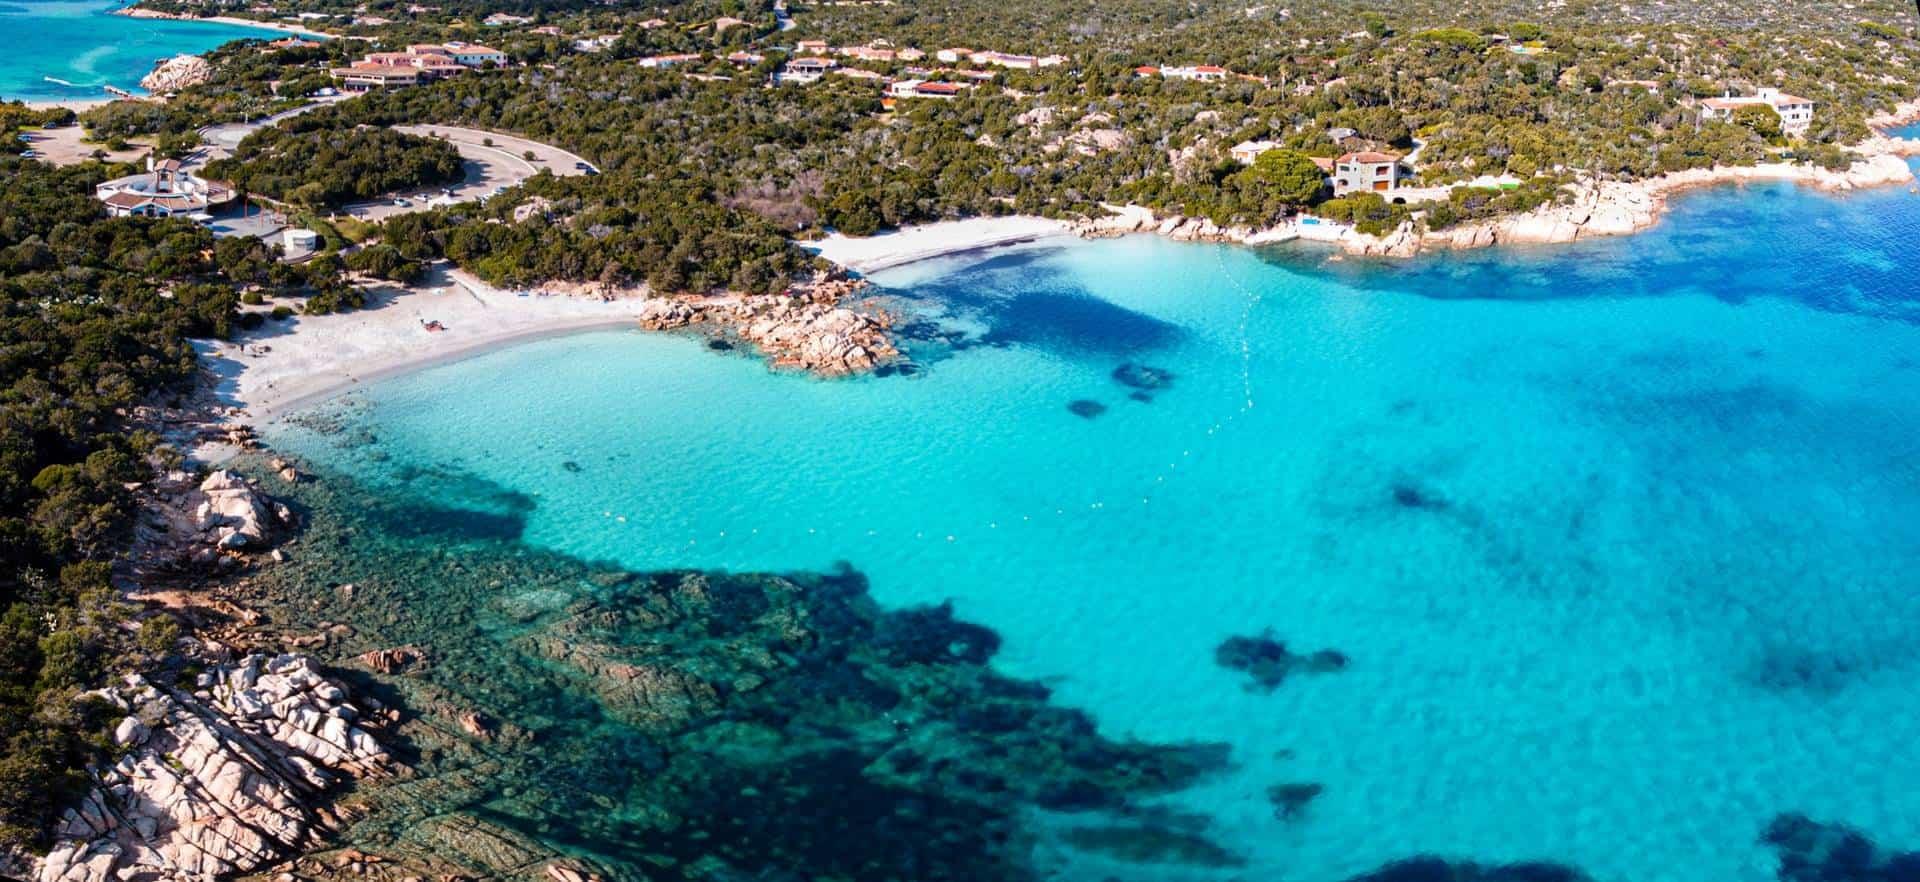 Capriccioli beach in Sardinia, Italy